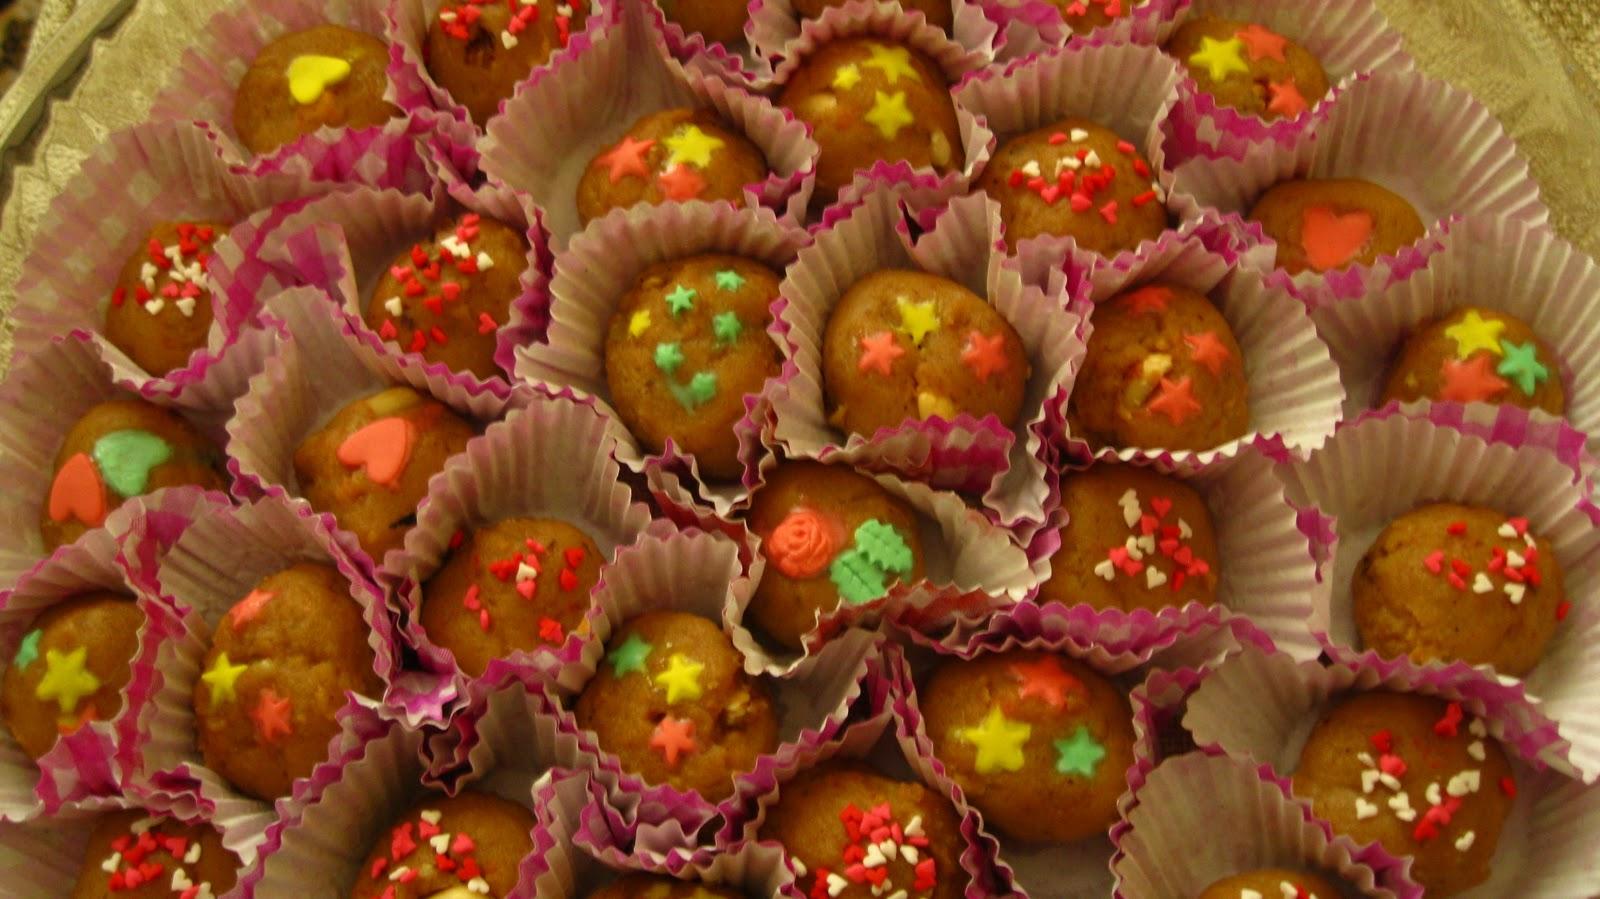 Çikolatalı güllük pastası yapılışı ile Etiketlenen Konular